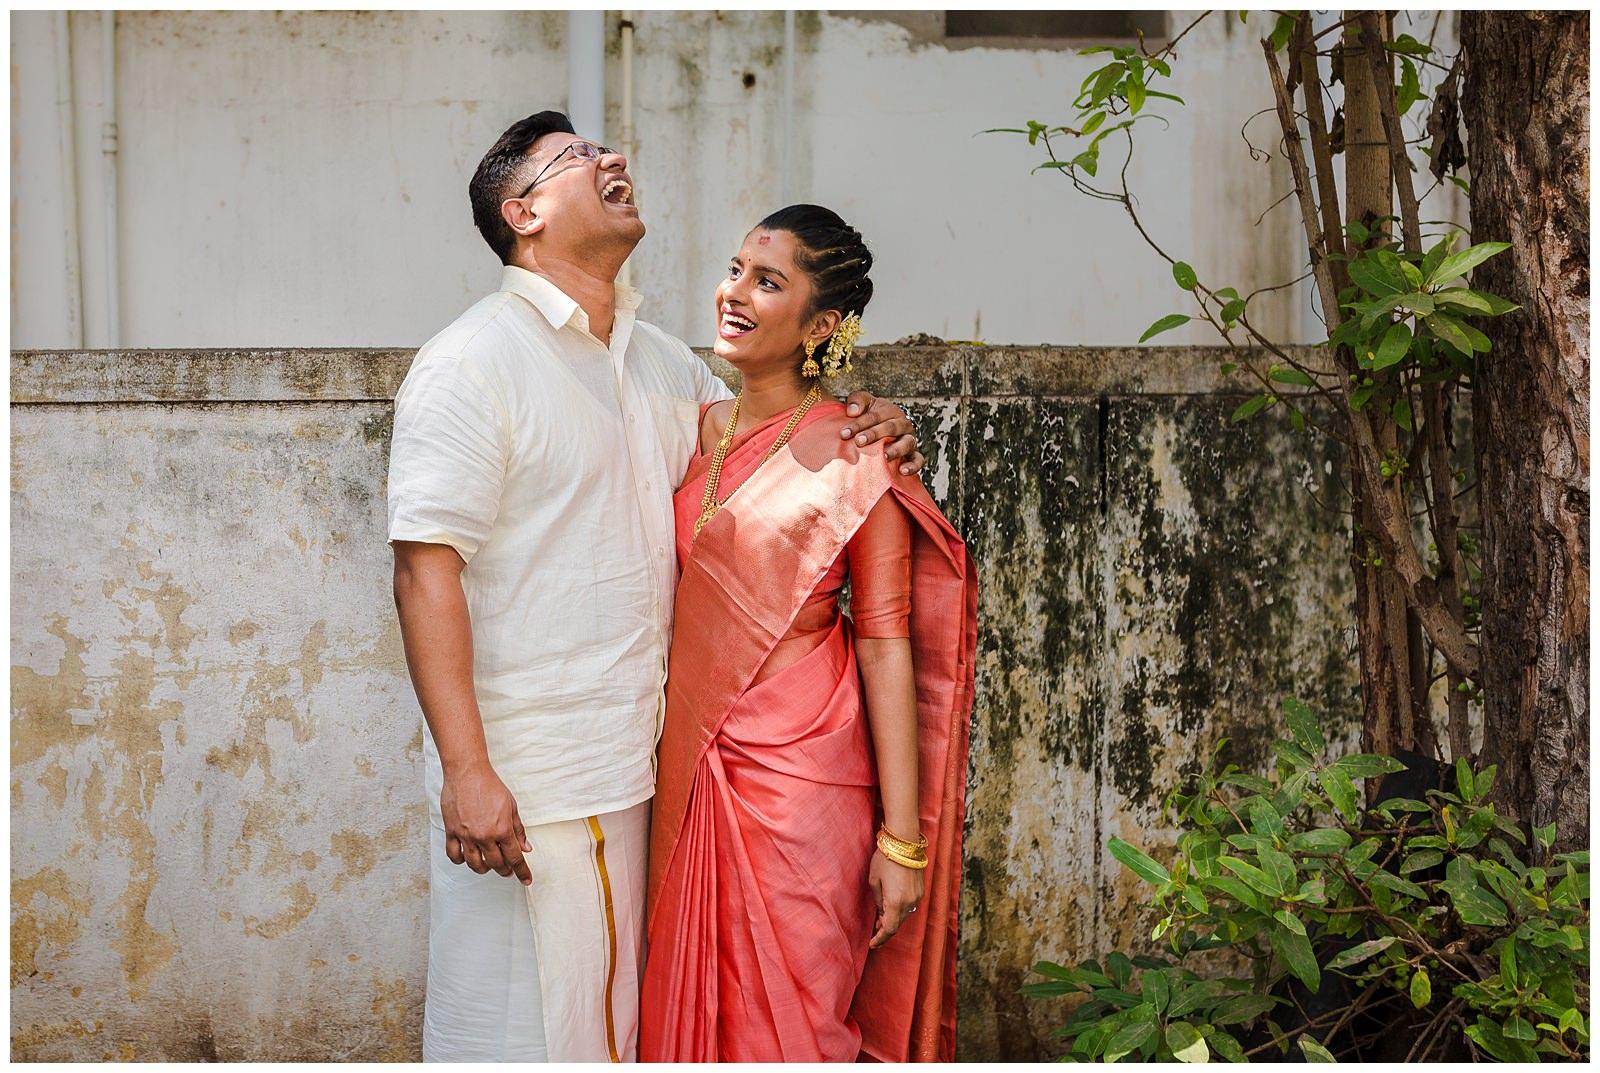 22012018-Siddharth-Shradha-Wedding-Candid-SR637-1484-53.jpeg